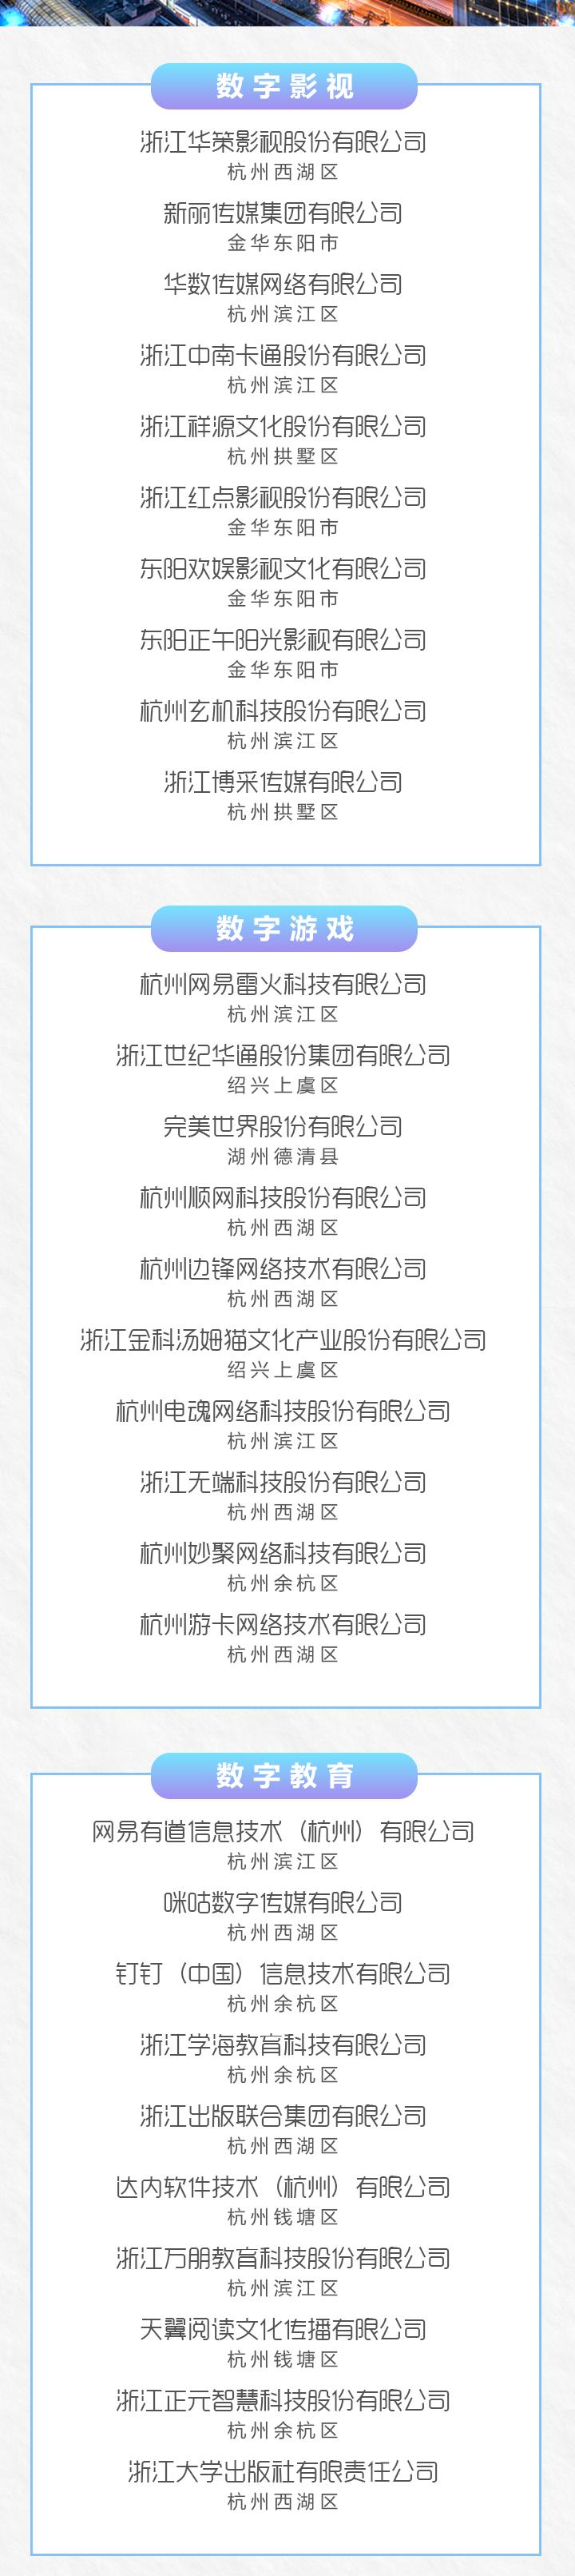 数字贸易百强_02.png